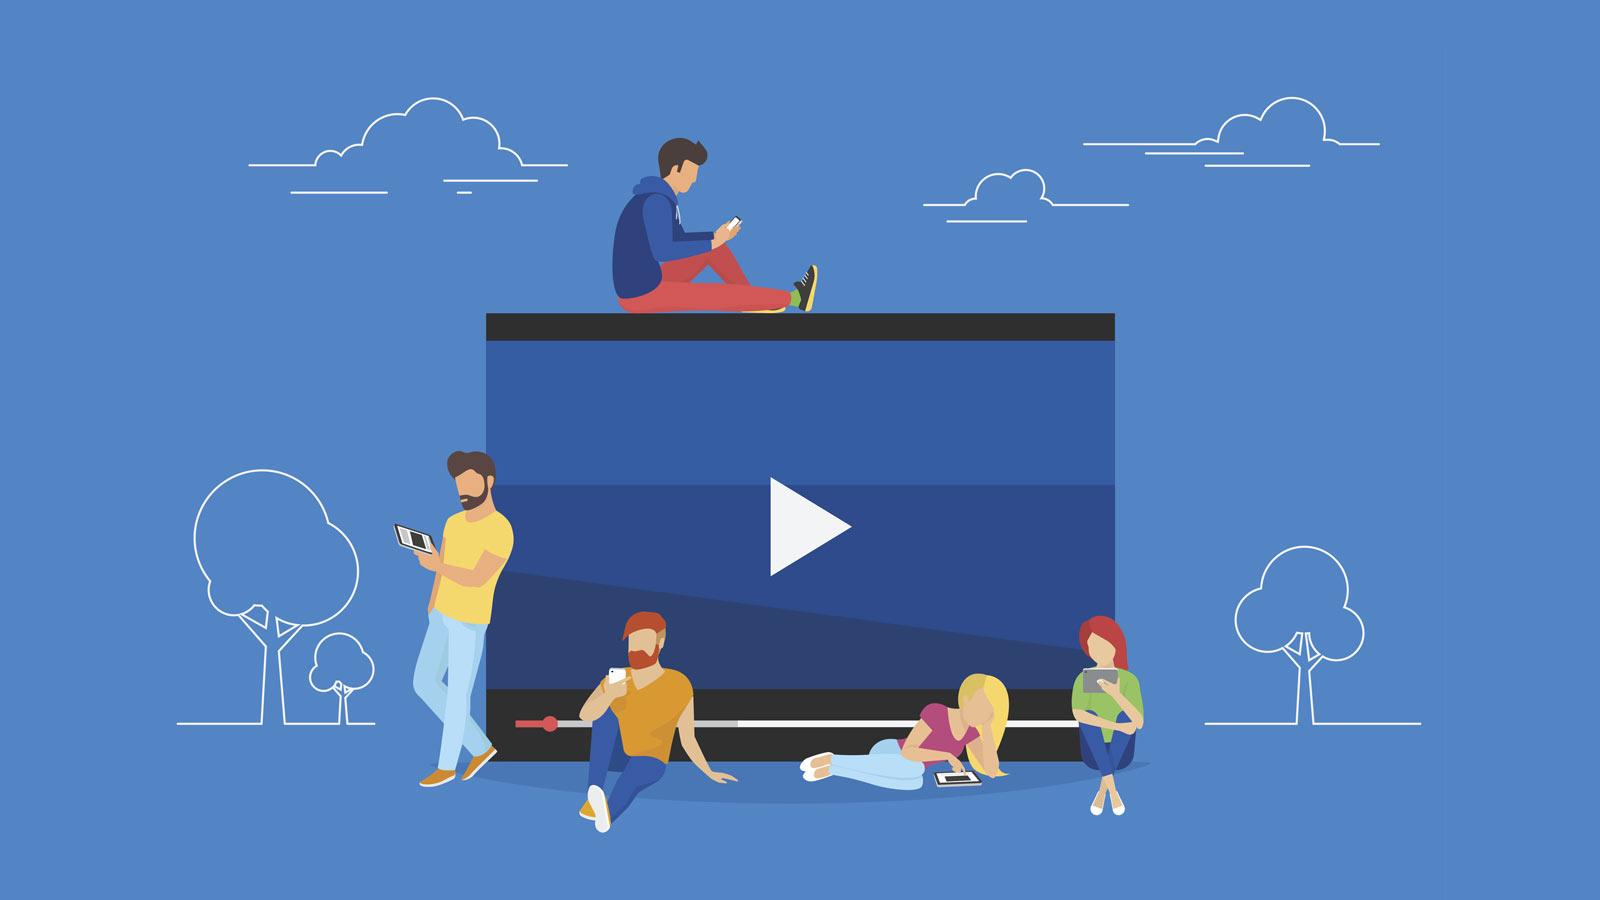 blog animacao seguranca 1a dumela - Entenda a importância dos vídeos animados de segurança do trabalho